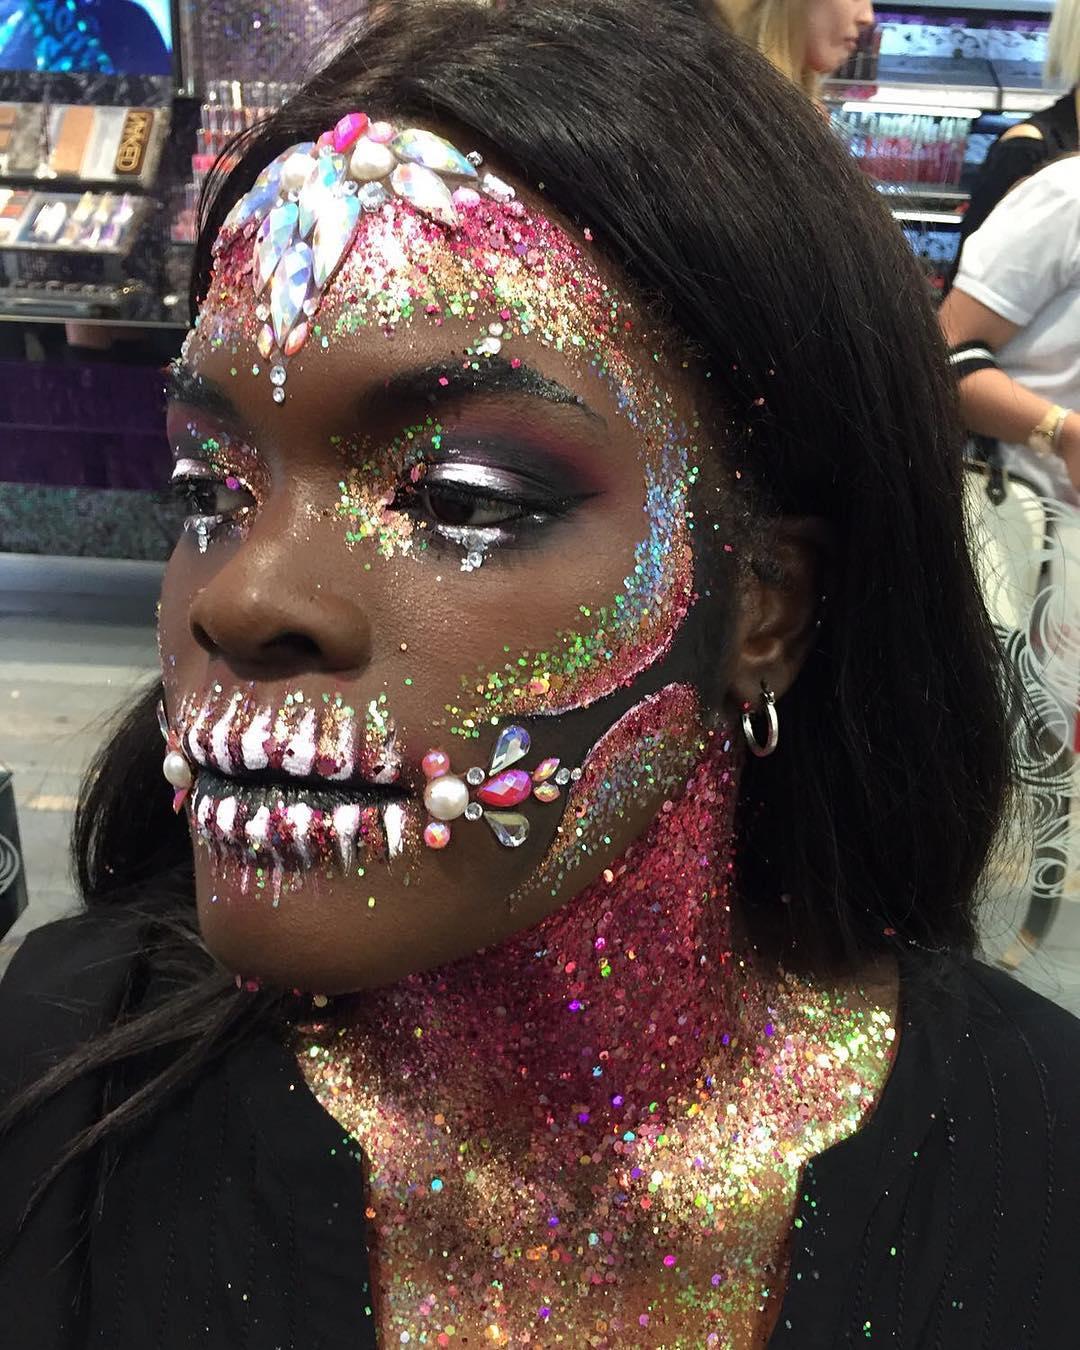 Оригинальный костюм на Хэллоуин: макияж на лице и заднице